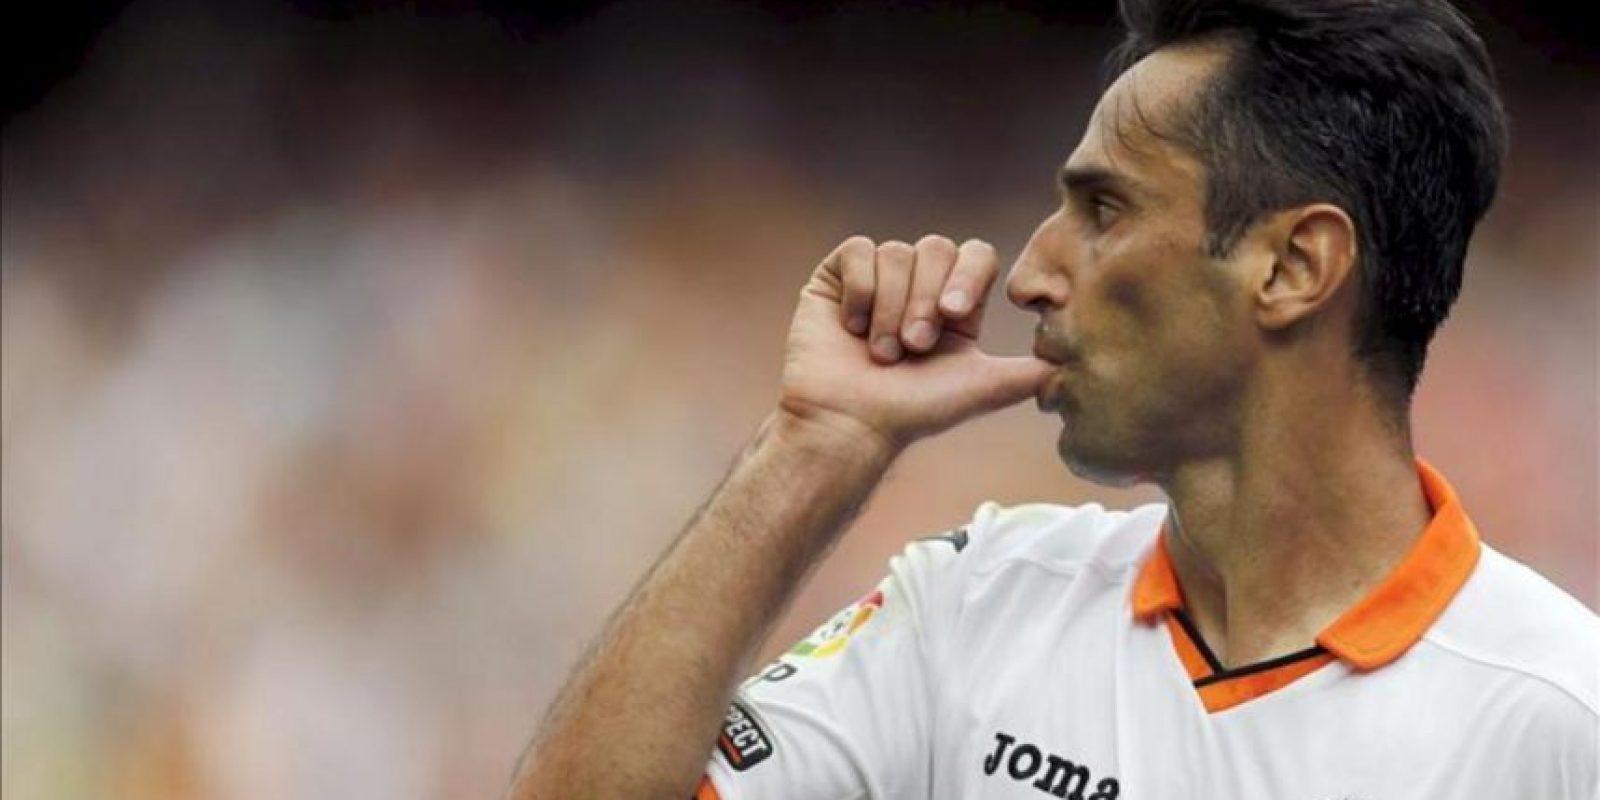 El delantero brasileño del Valencia Jonas Gonçalves celebra el primer gol marcado al Rayo Vallecano durante el partido correspondiente a la séptima jornada de Liga de Primera División, disputado en el estadio de Mestalla. EFE